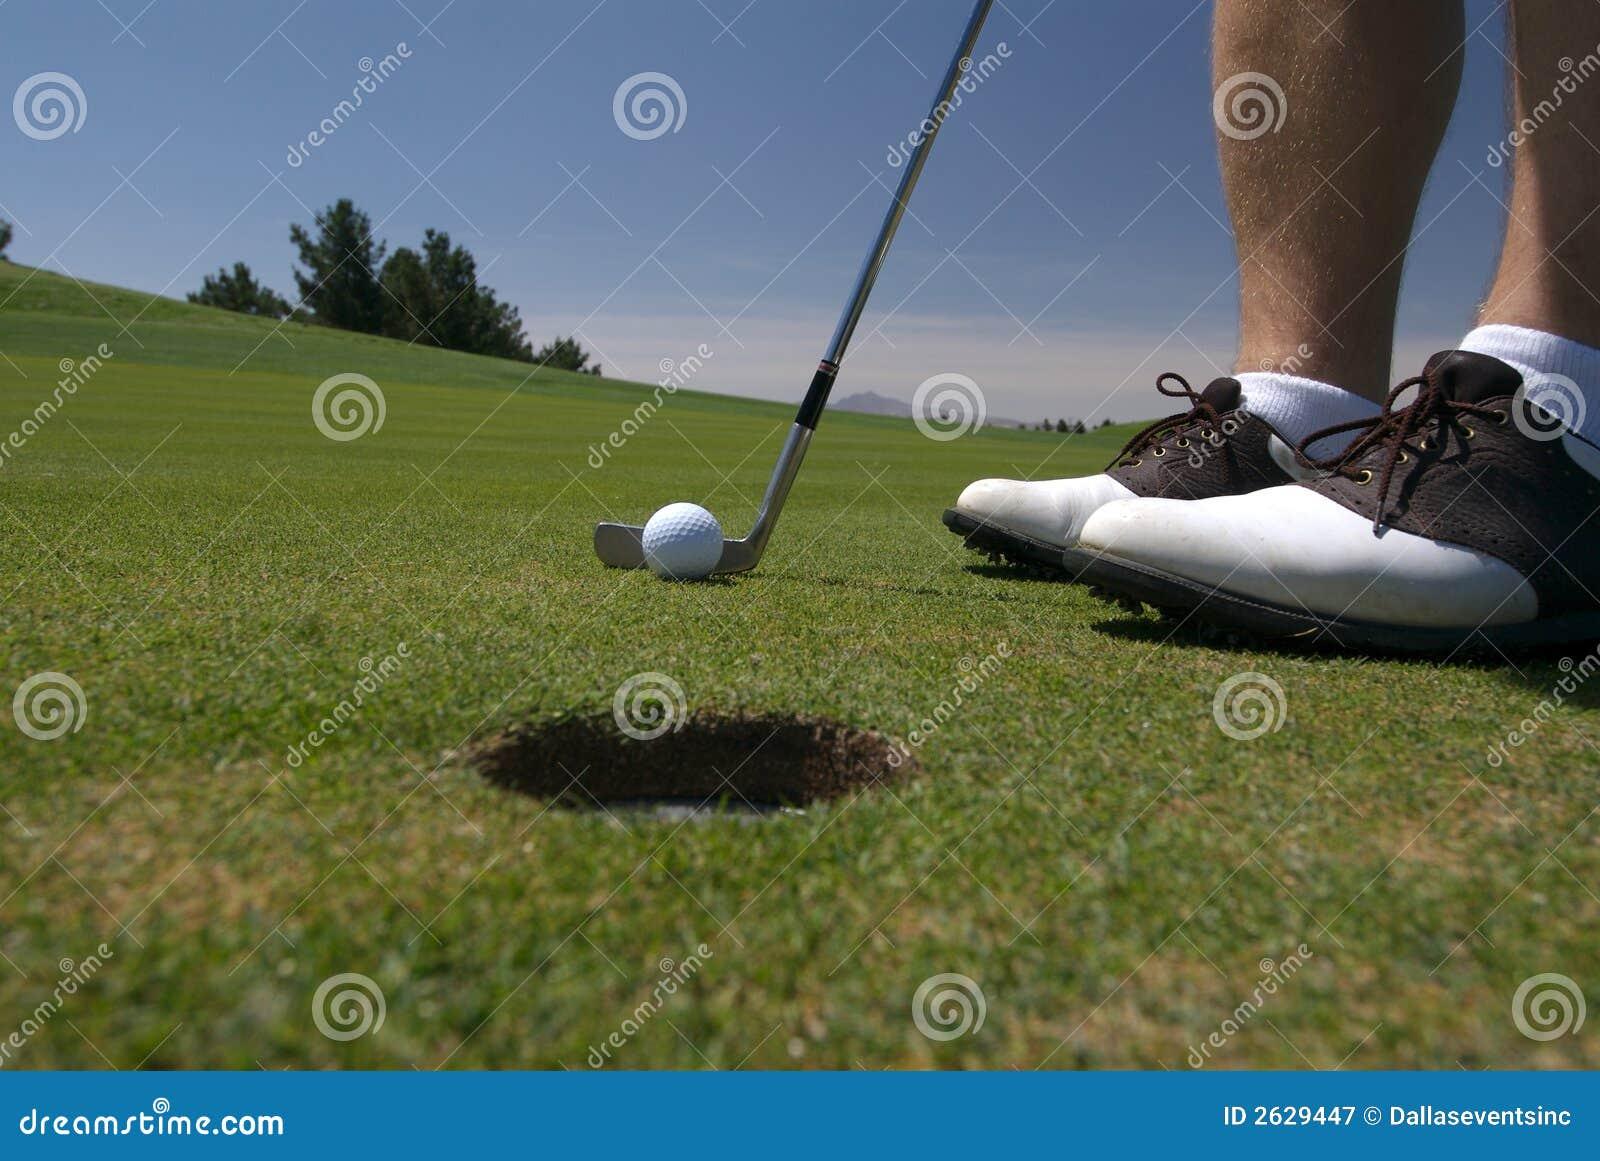 Golfputt till